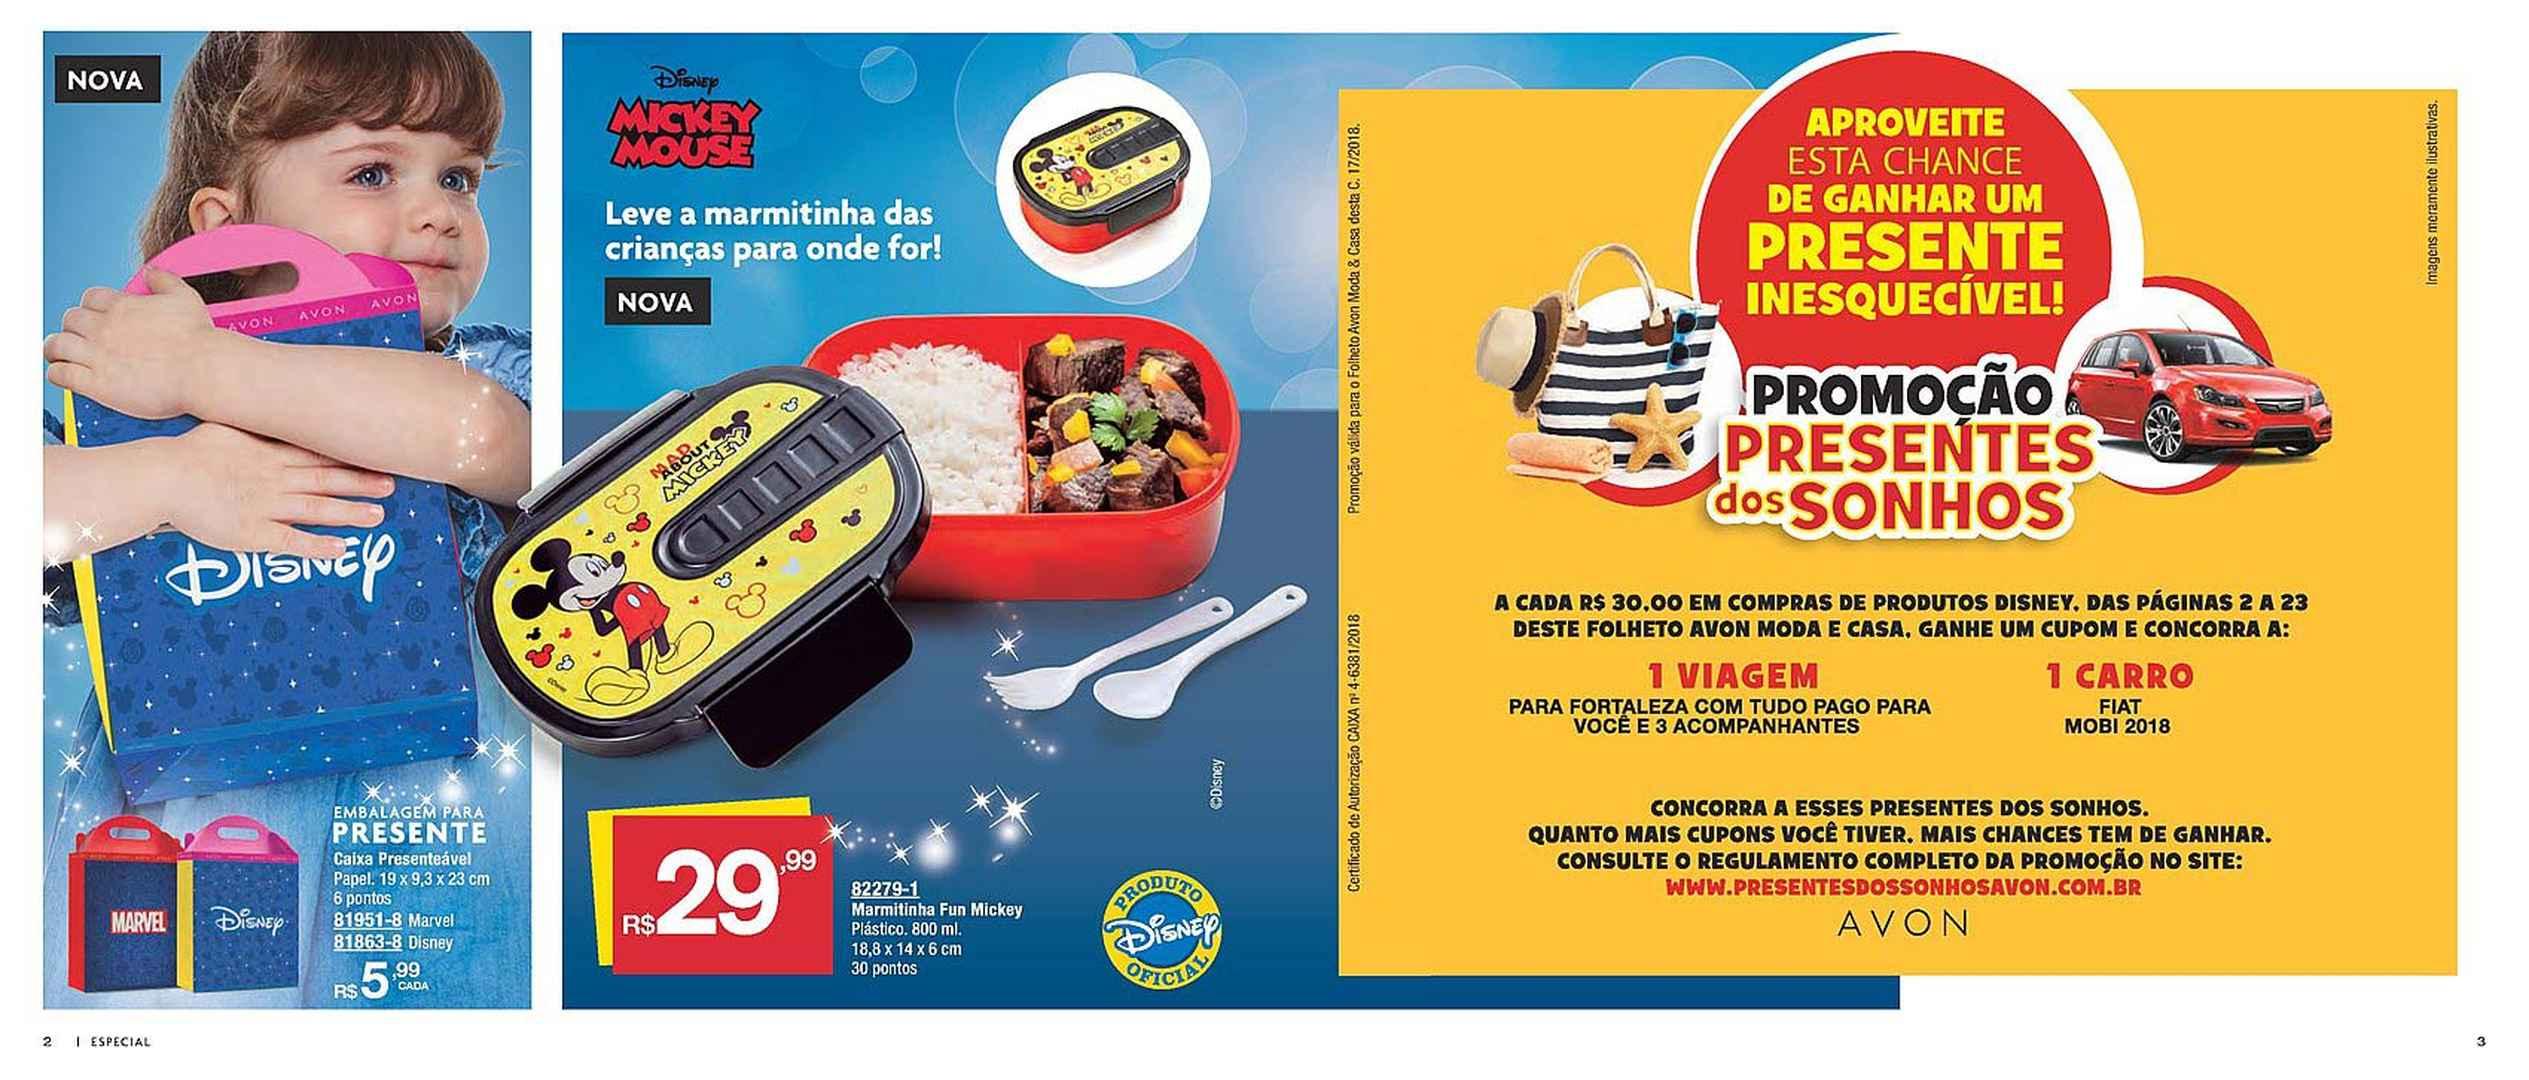 969e864f5 Promoção presentes dos sonhos. A cada R  30 em compras